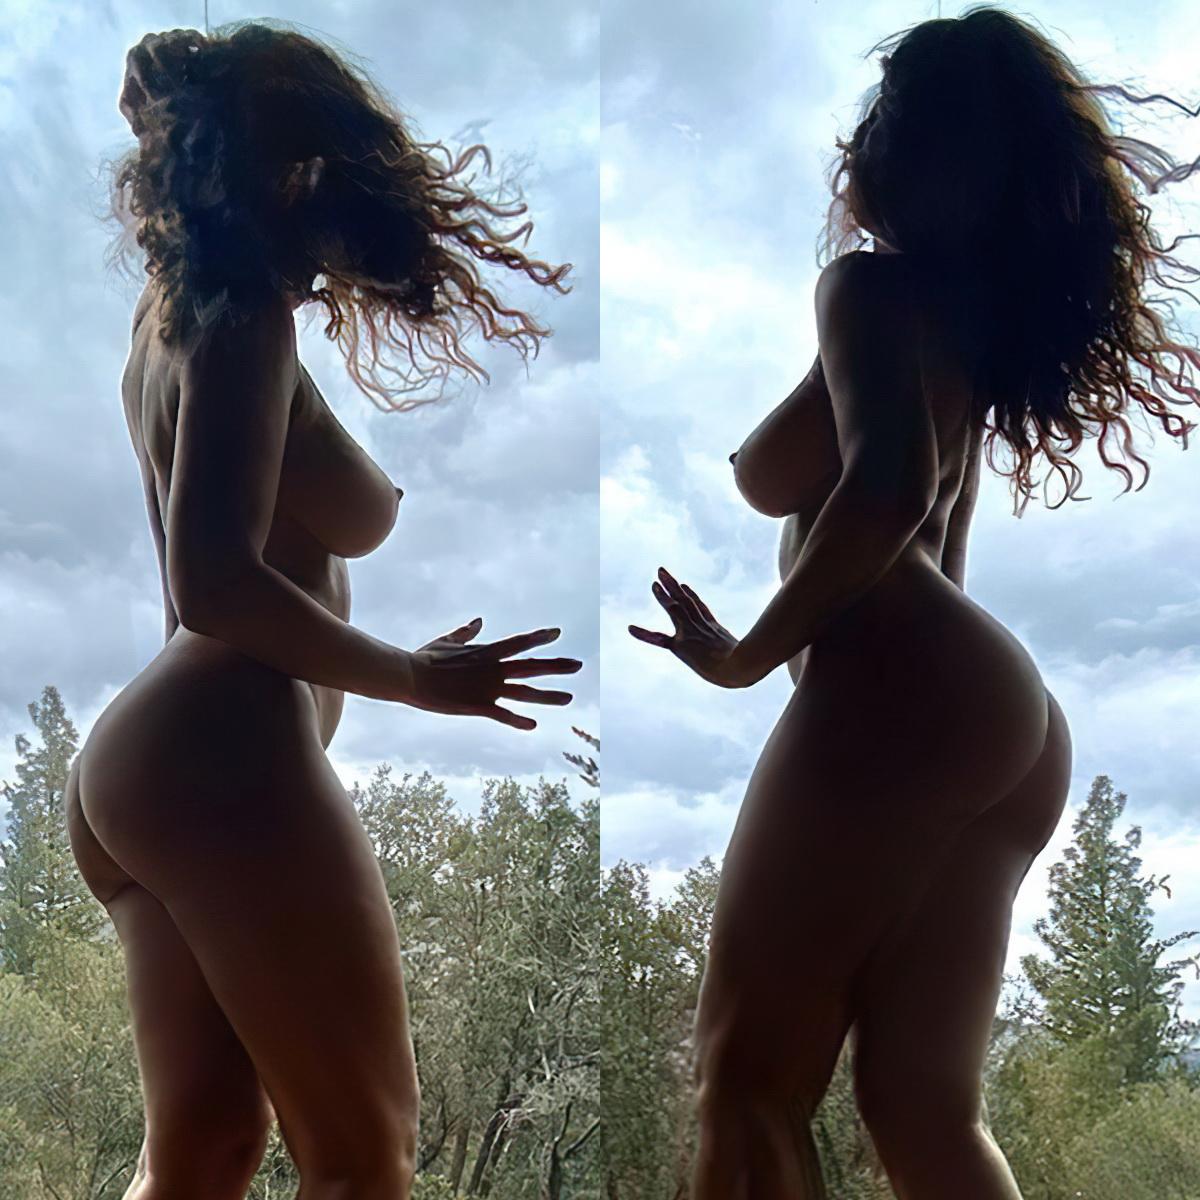 Nadine velazquez nude breasts and ass with denzel washington tnaflix porn pics